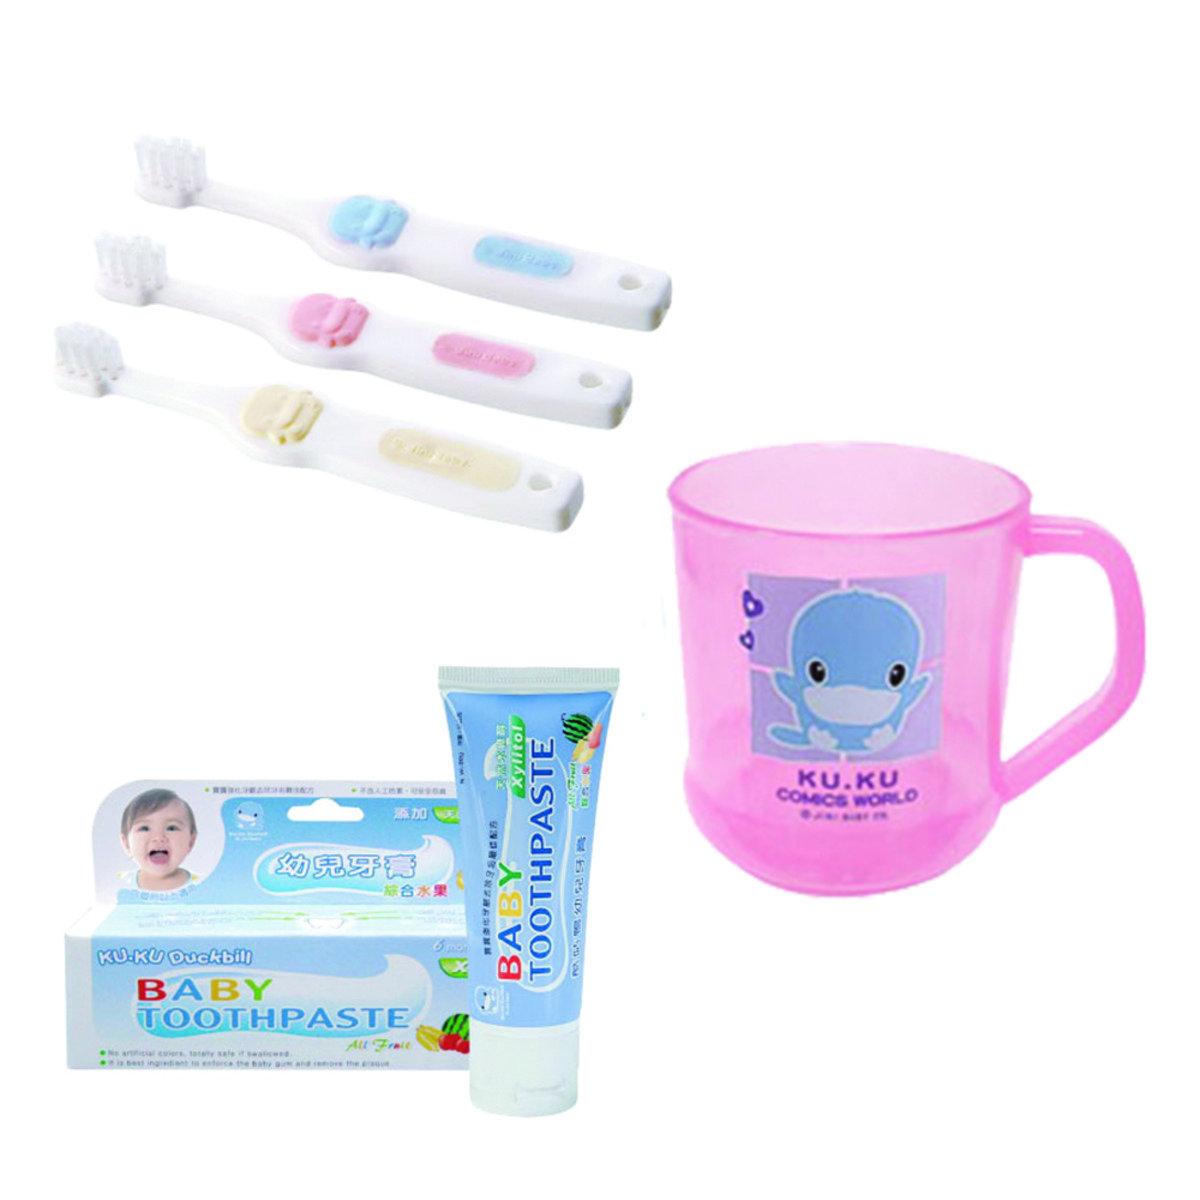 清潔牙齒優惠組 (粉紅色)